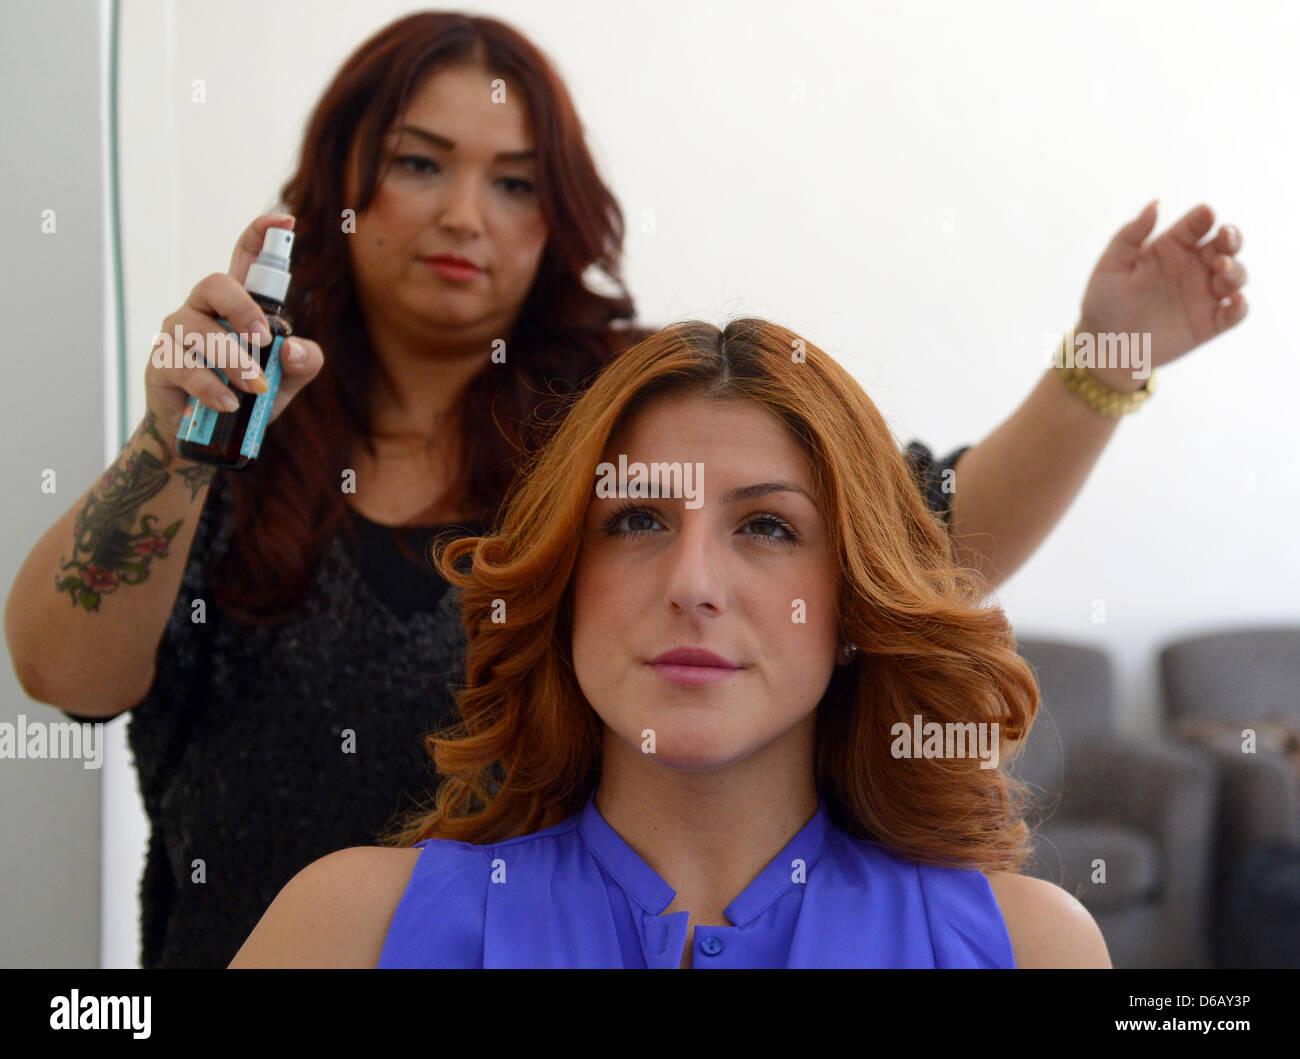 Friseur Arzu Und Haarspray Auf Das Haar Eines Kunden Breitet Sich